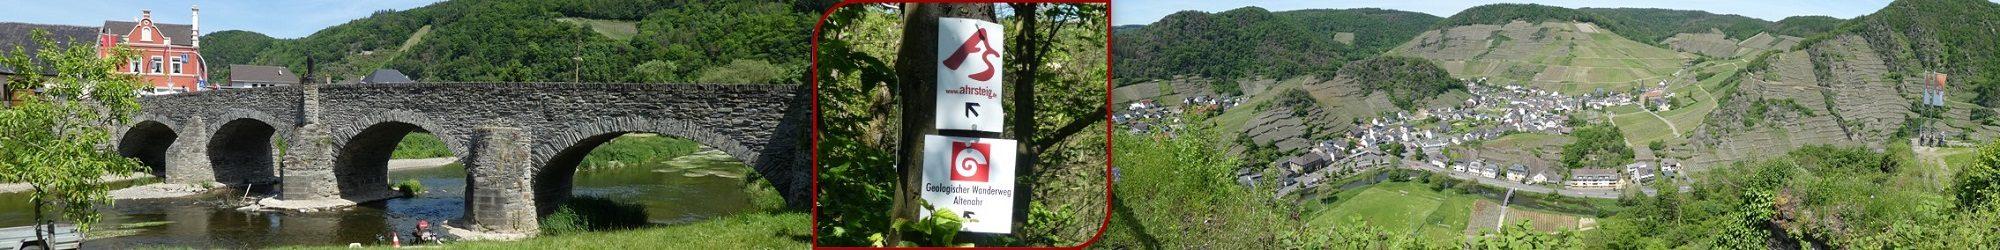 Ahrsteig von Altenahr nach Walporzheim